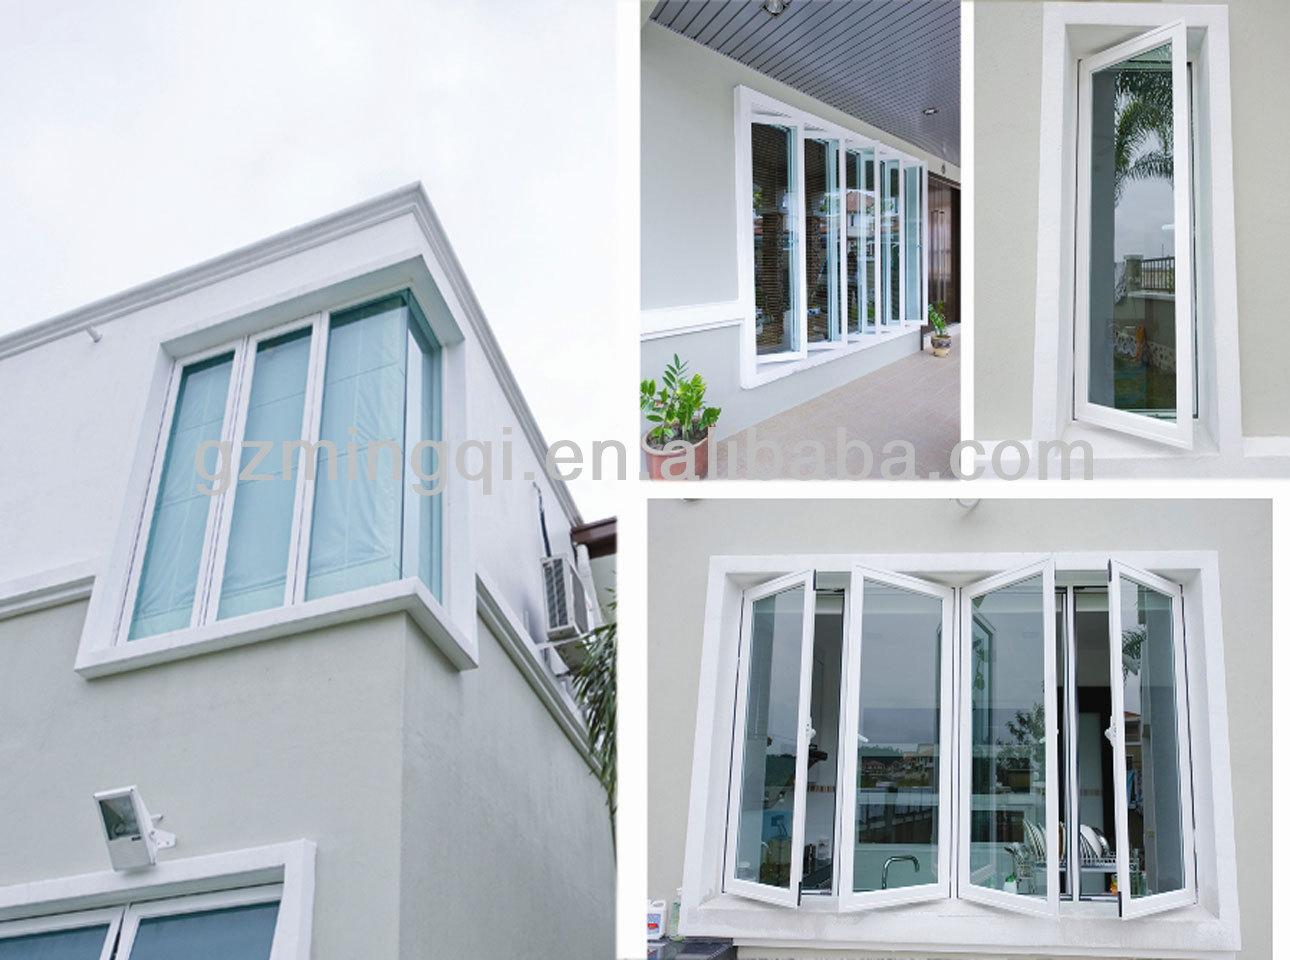 Glass windows house - European Plastic Upvc Tilt And Turn Windows For House New Design For Home Windows